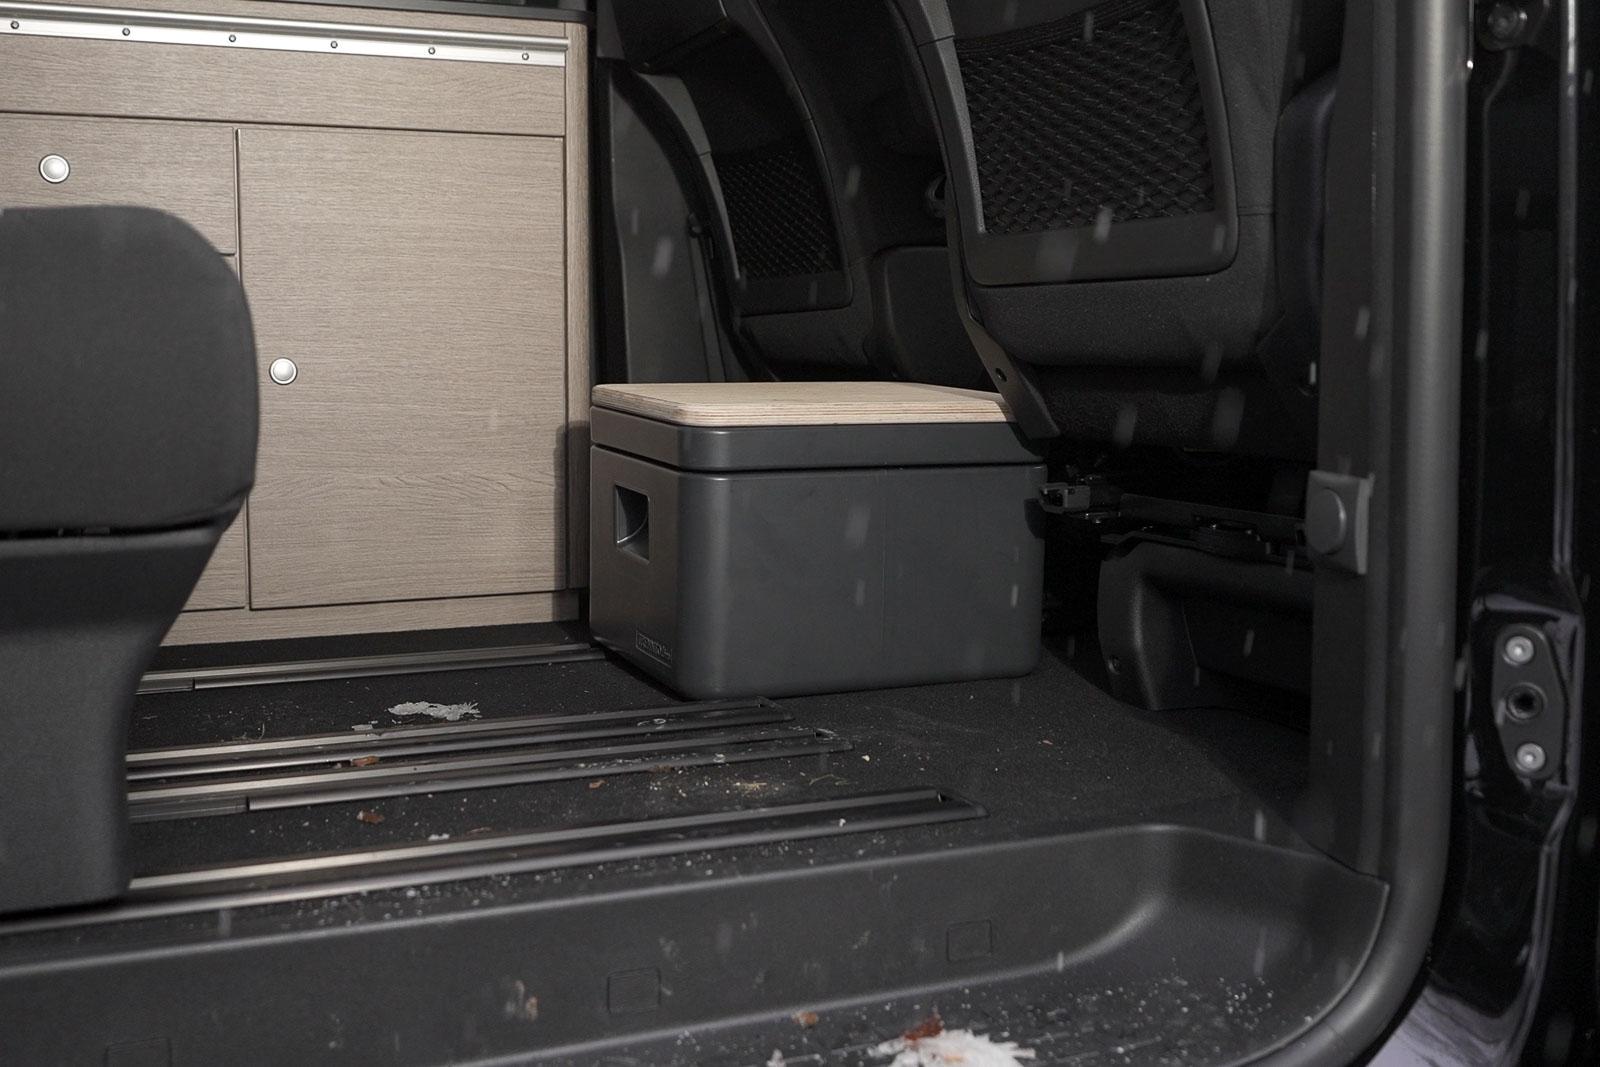 Die kleinste Toilette für deinen Van